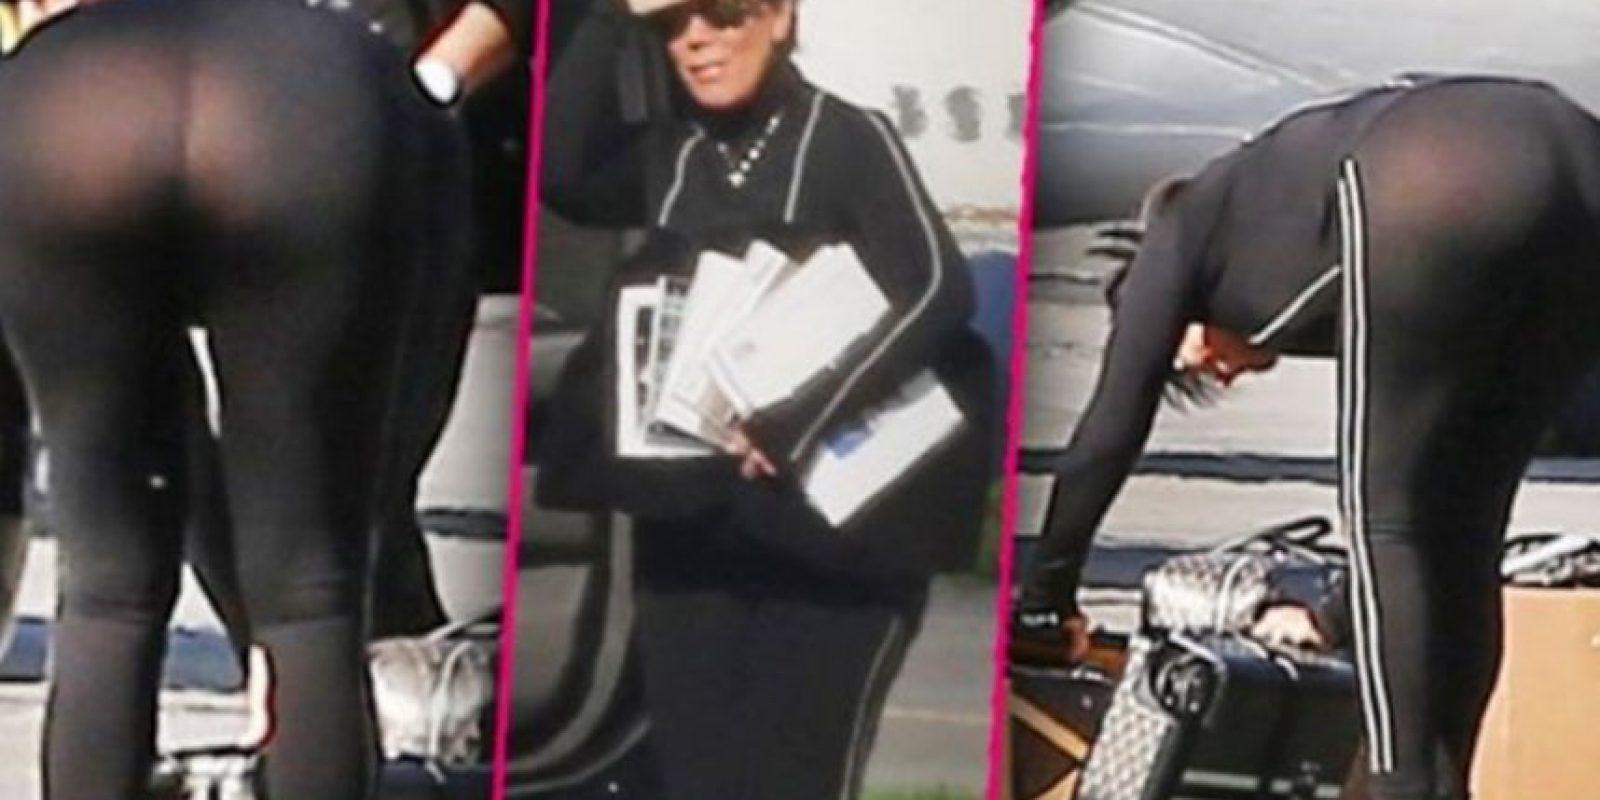 Recientemente la matriarca de las Kardashian tuvo este accidente de vestuario. Pero no es la única, a continuación les mostramos otras que han vivido momentos bochornosos similares Foto:Twitter – Archivo